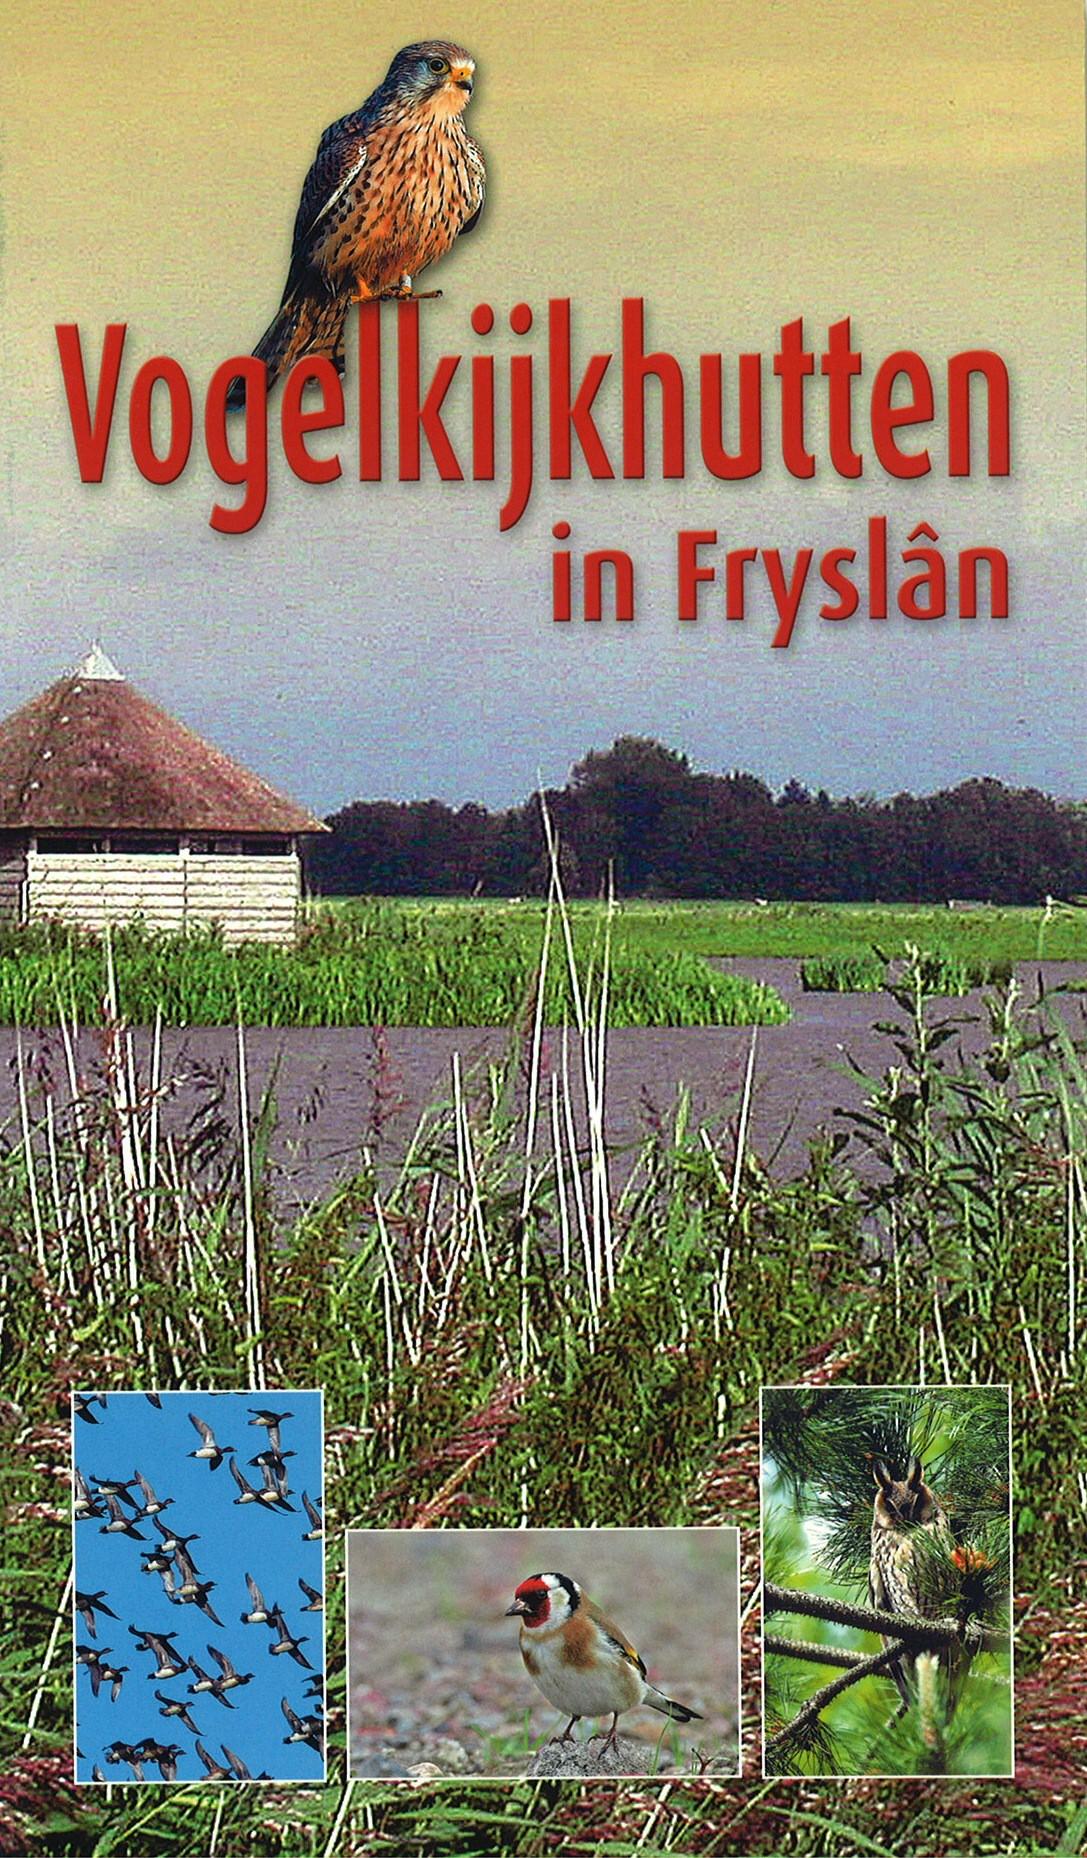 Vogelkijkhutten In Fryslân